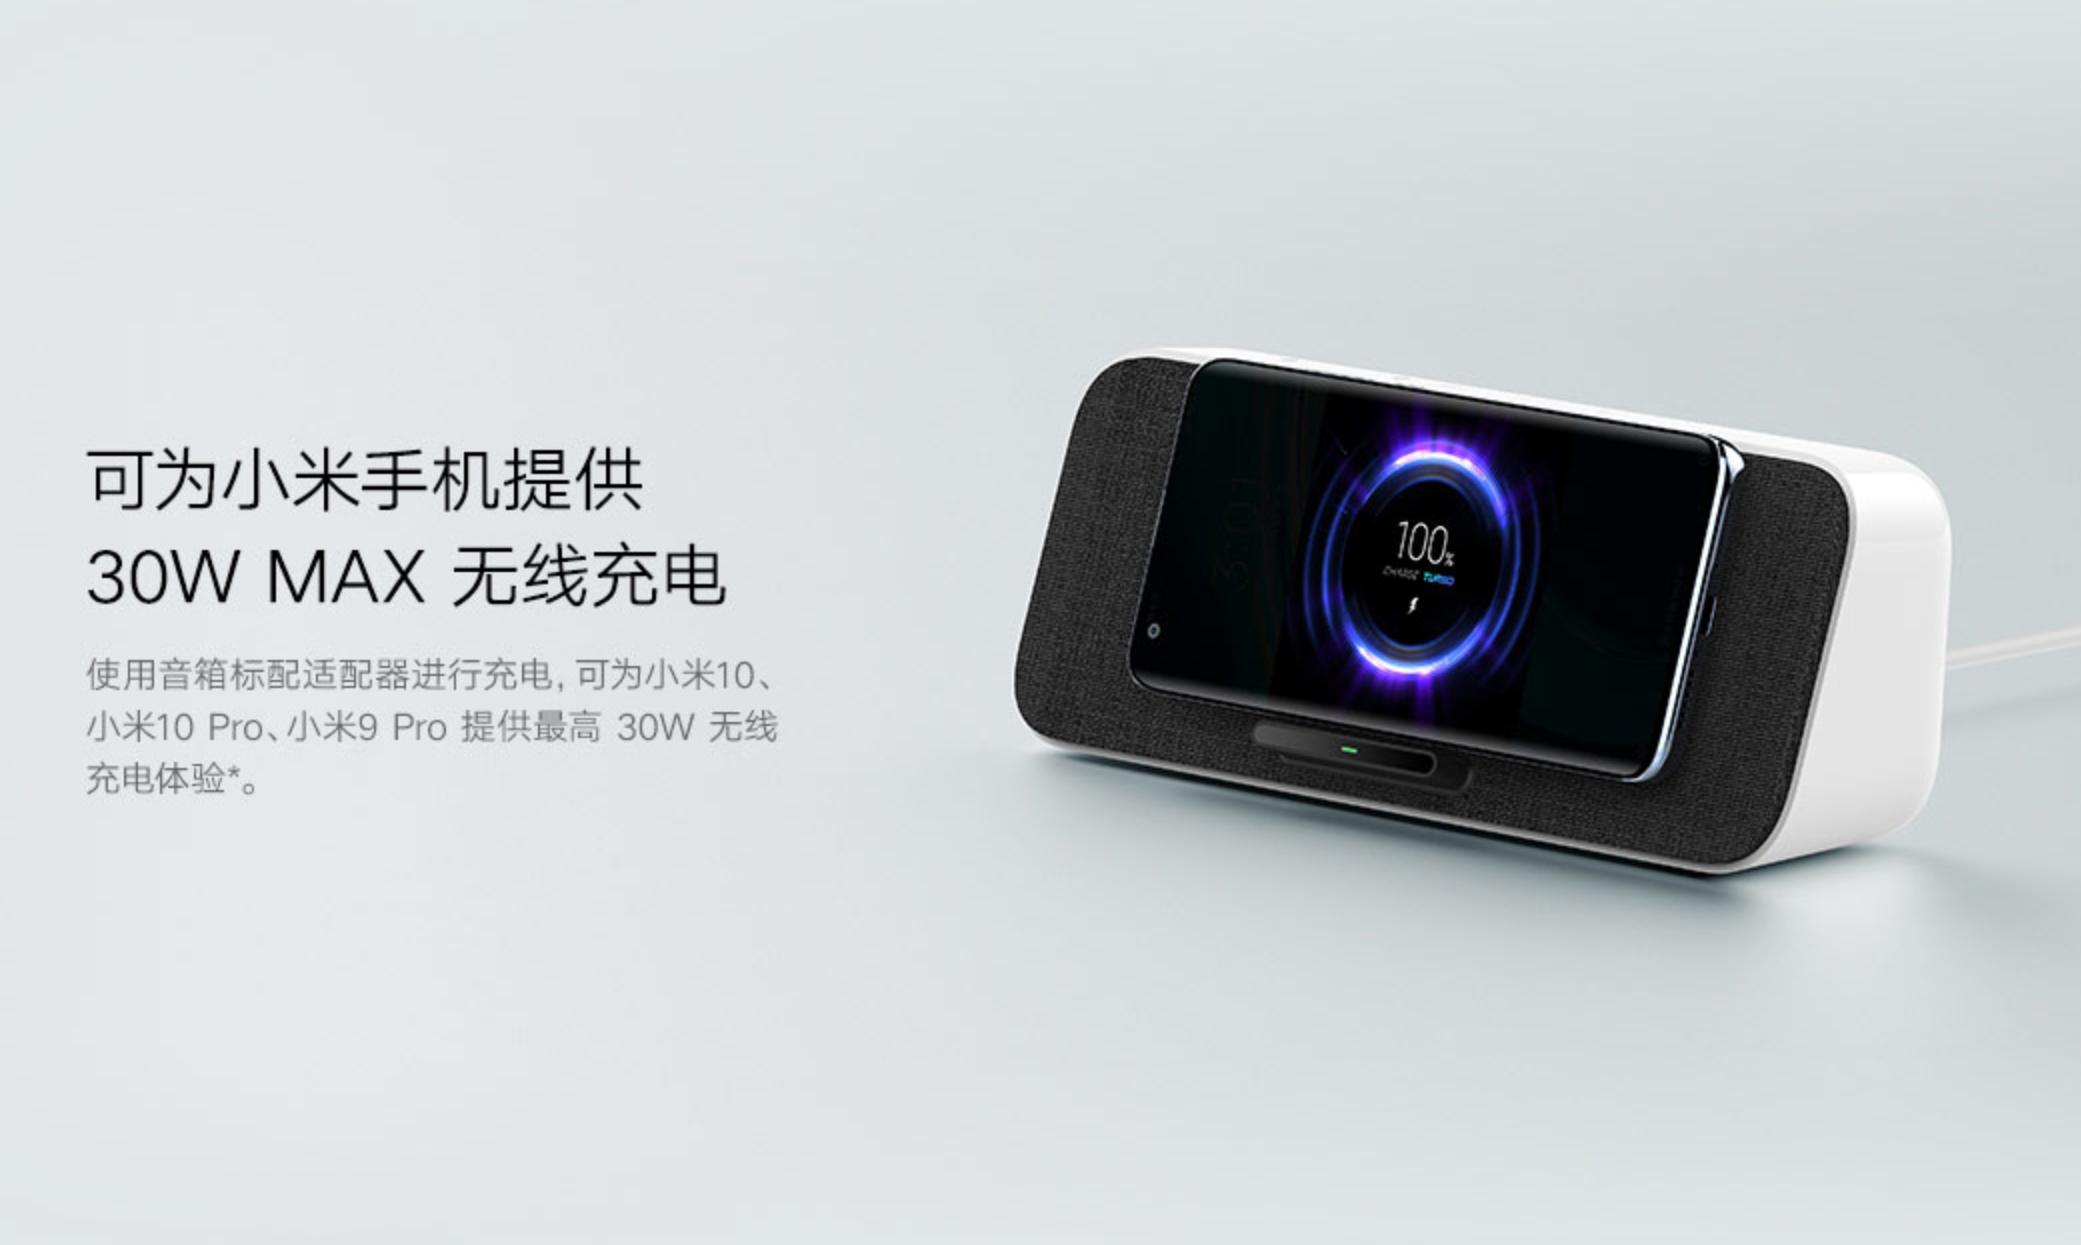 小米新款蓝牙音箱开售,支持手机30W无线快充,售价249元